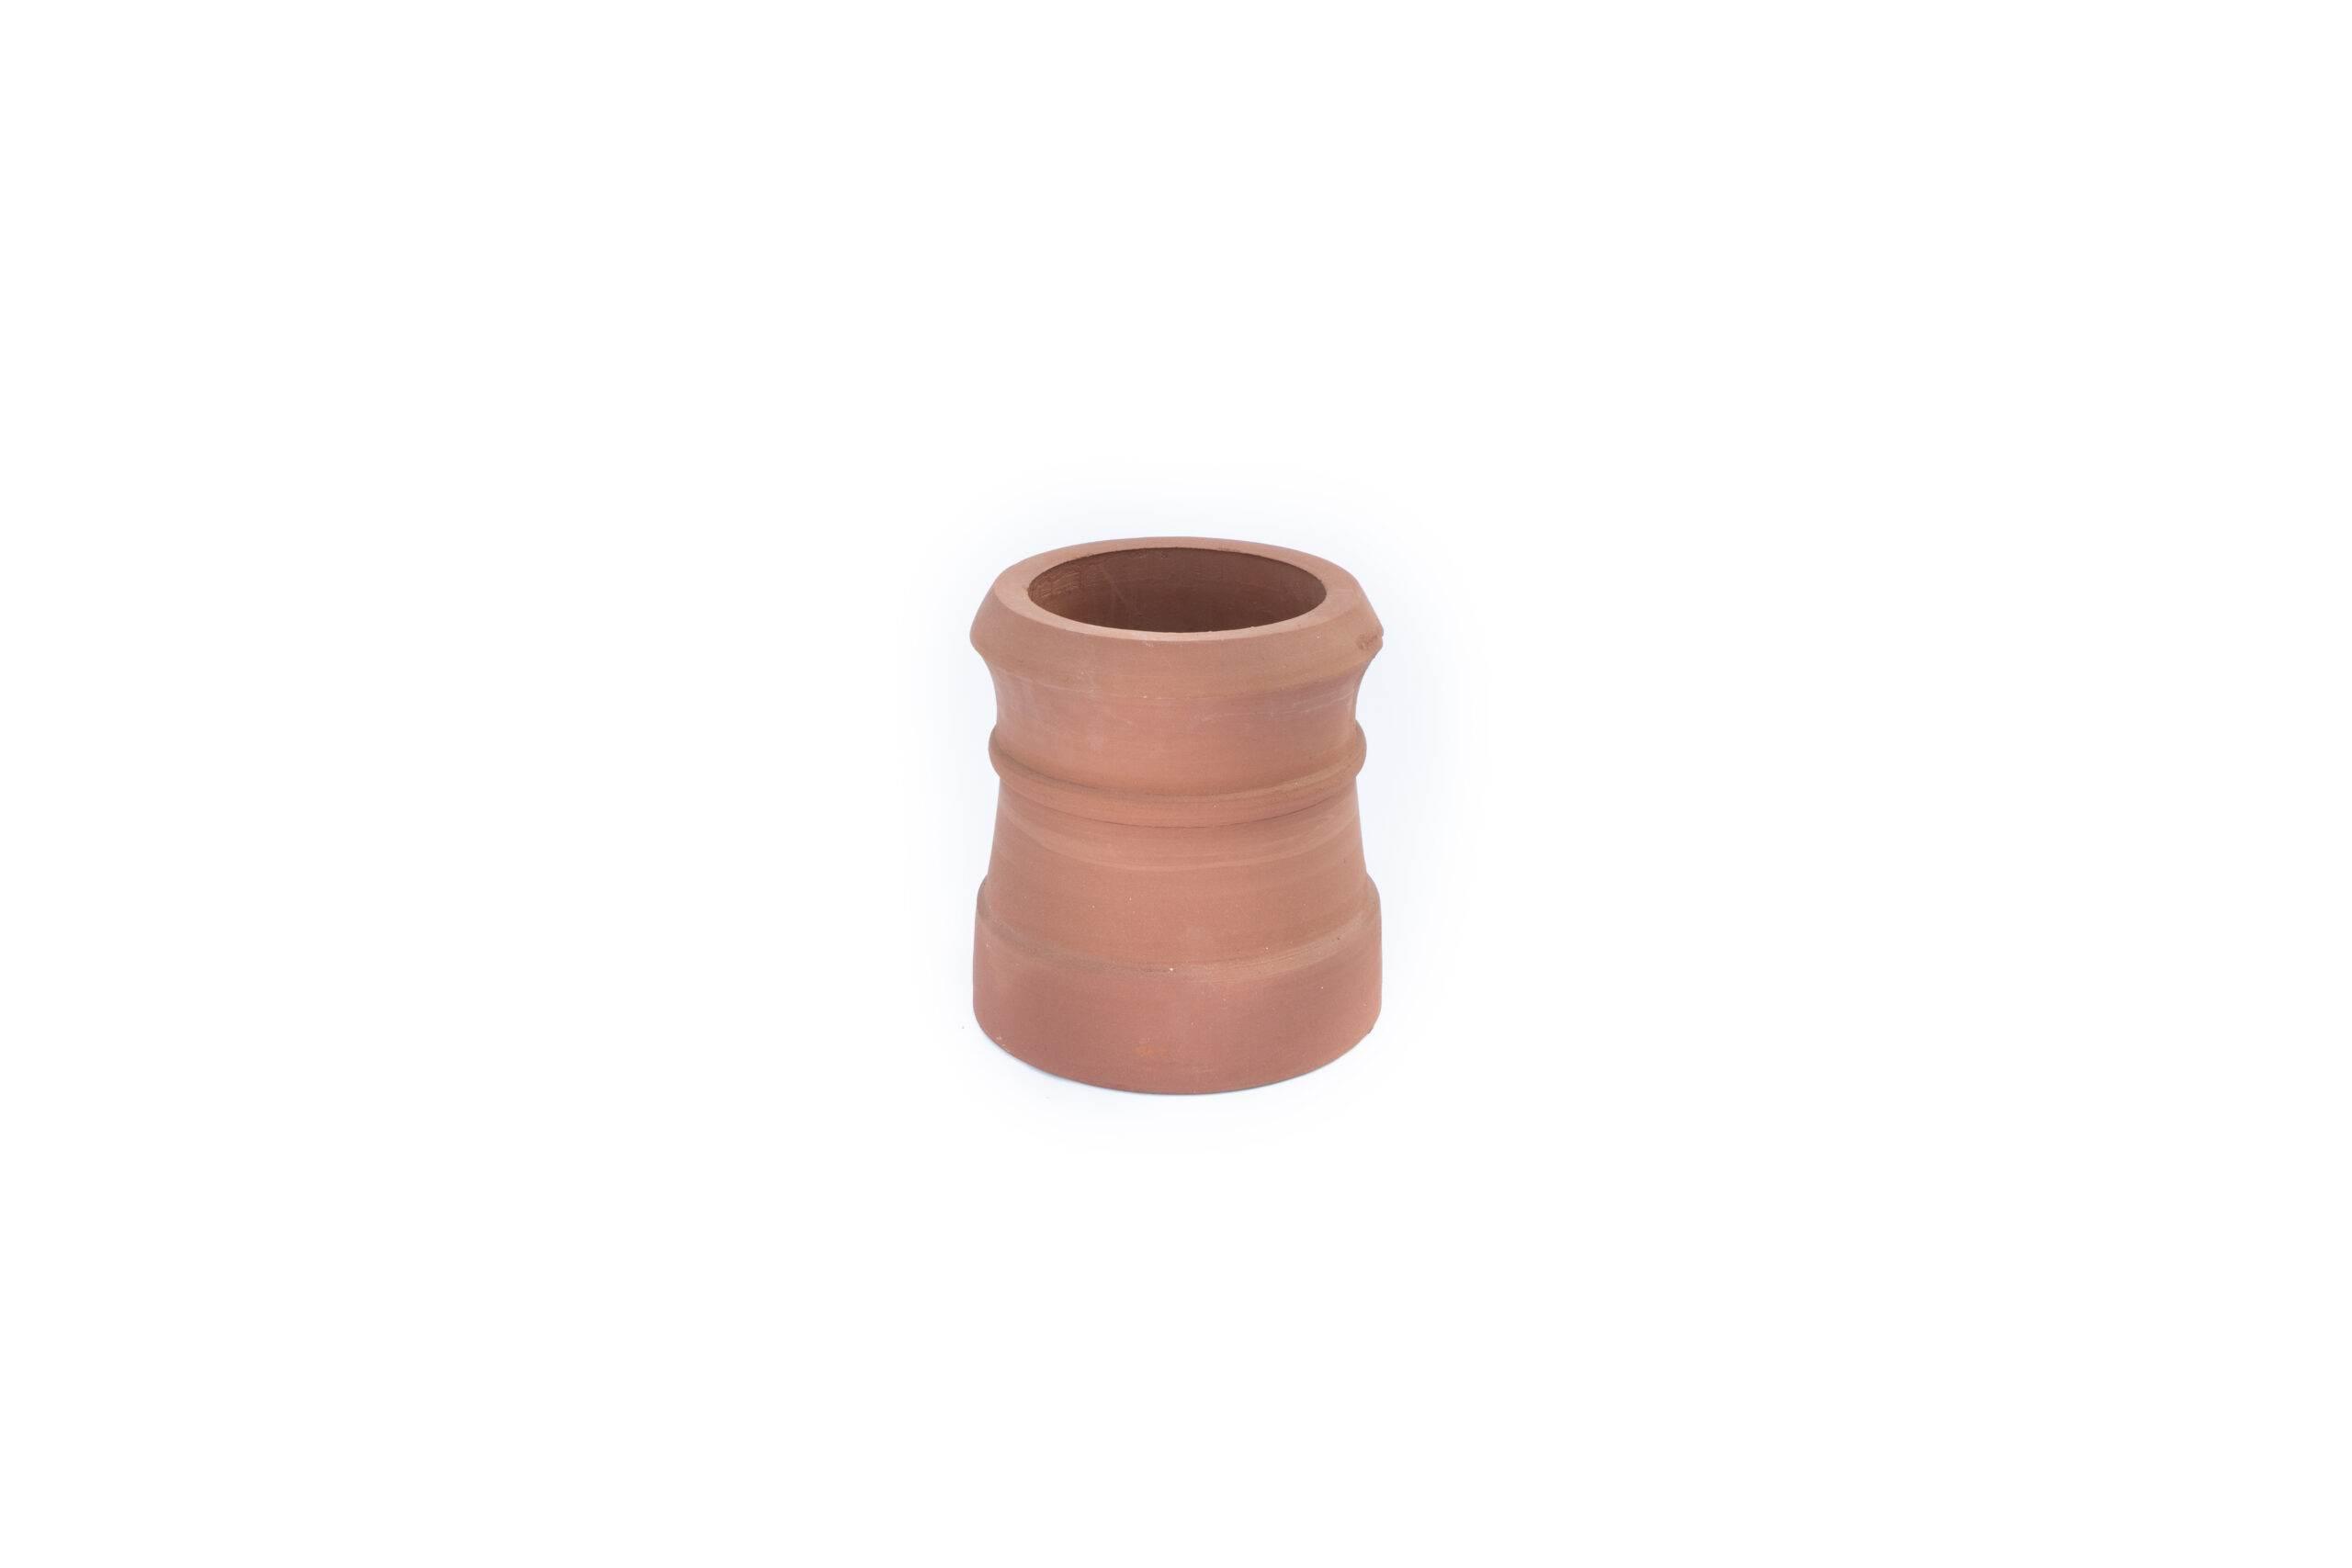 chimney-pot3 copy